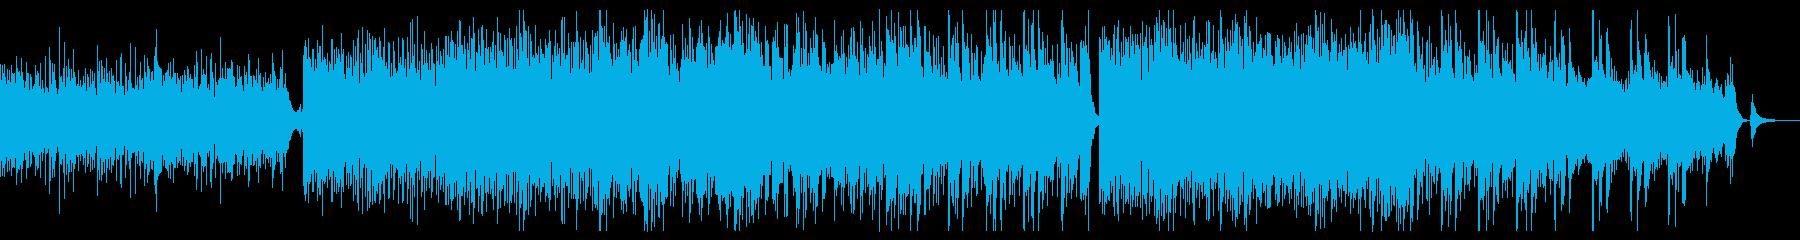 軽快で明るい四つ打ち曲の再生済みの波形